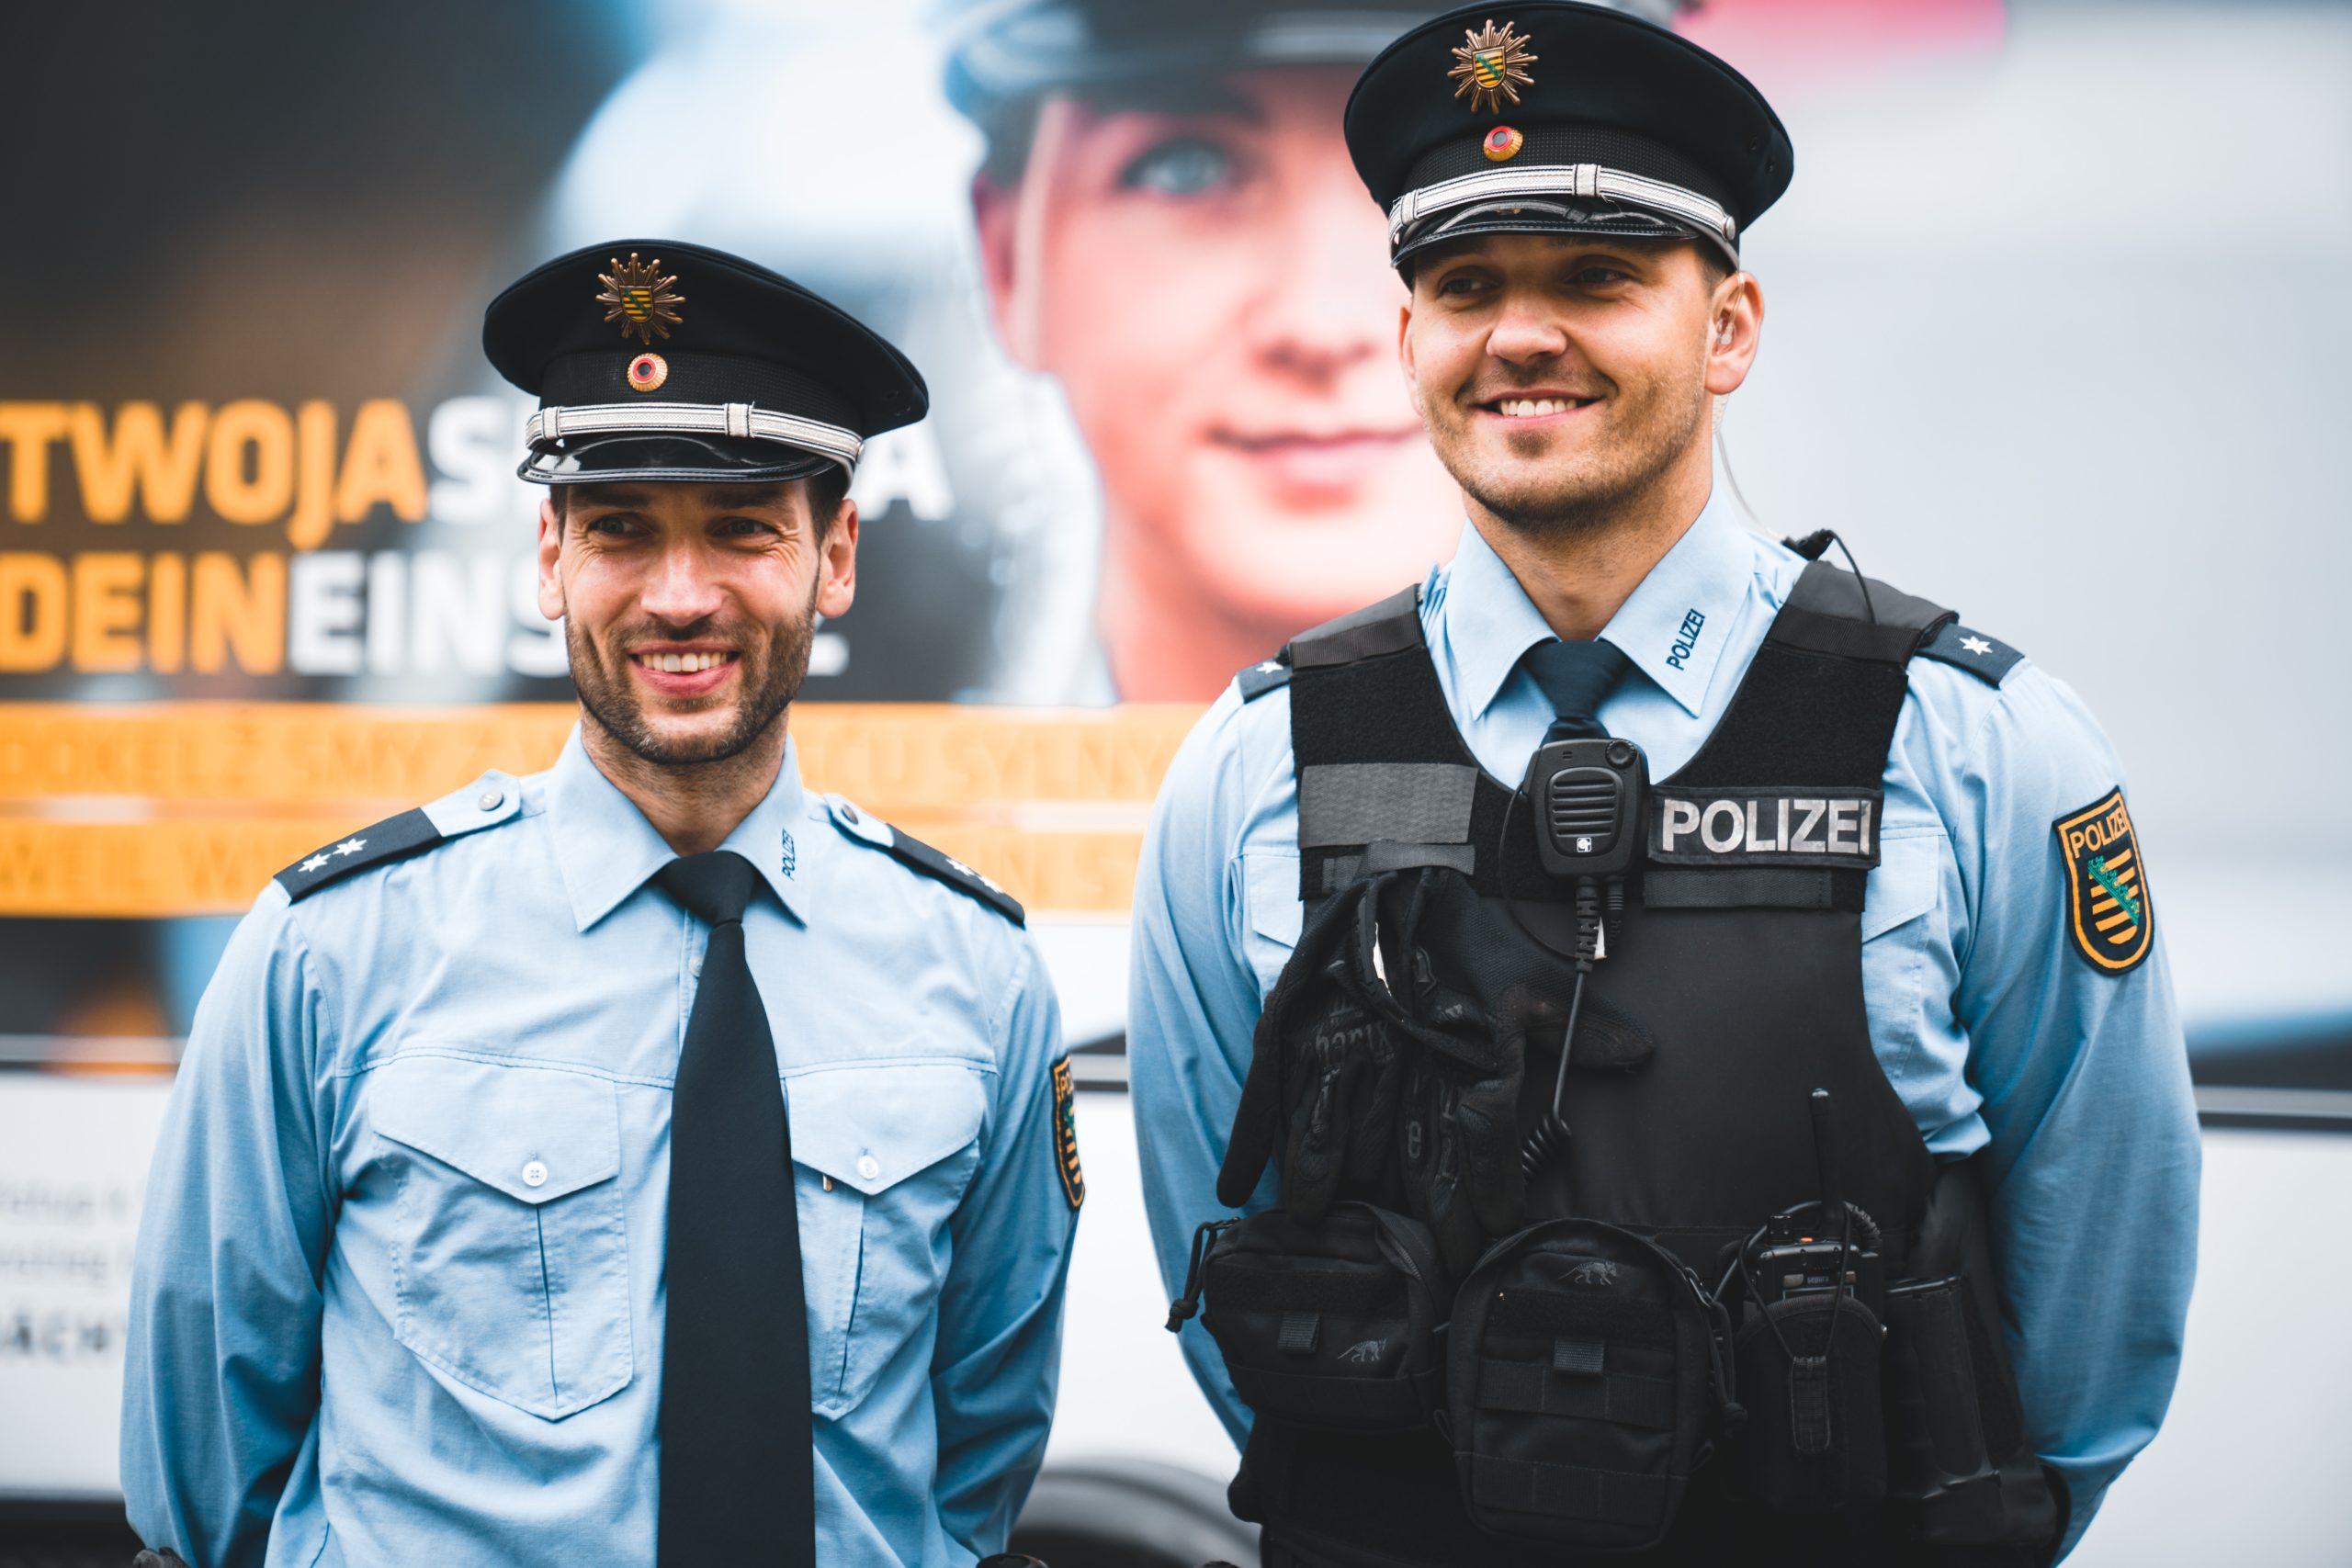 Bild von zwei Polizisten, die Sorbisch sprechen.